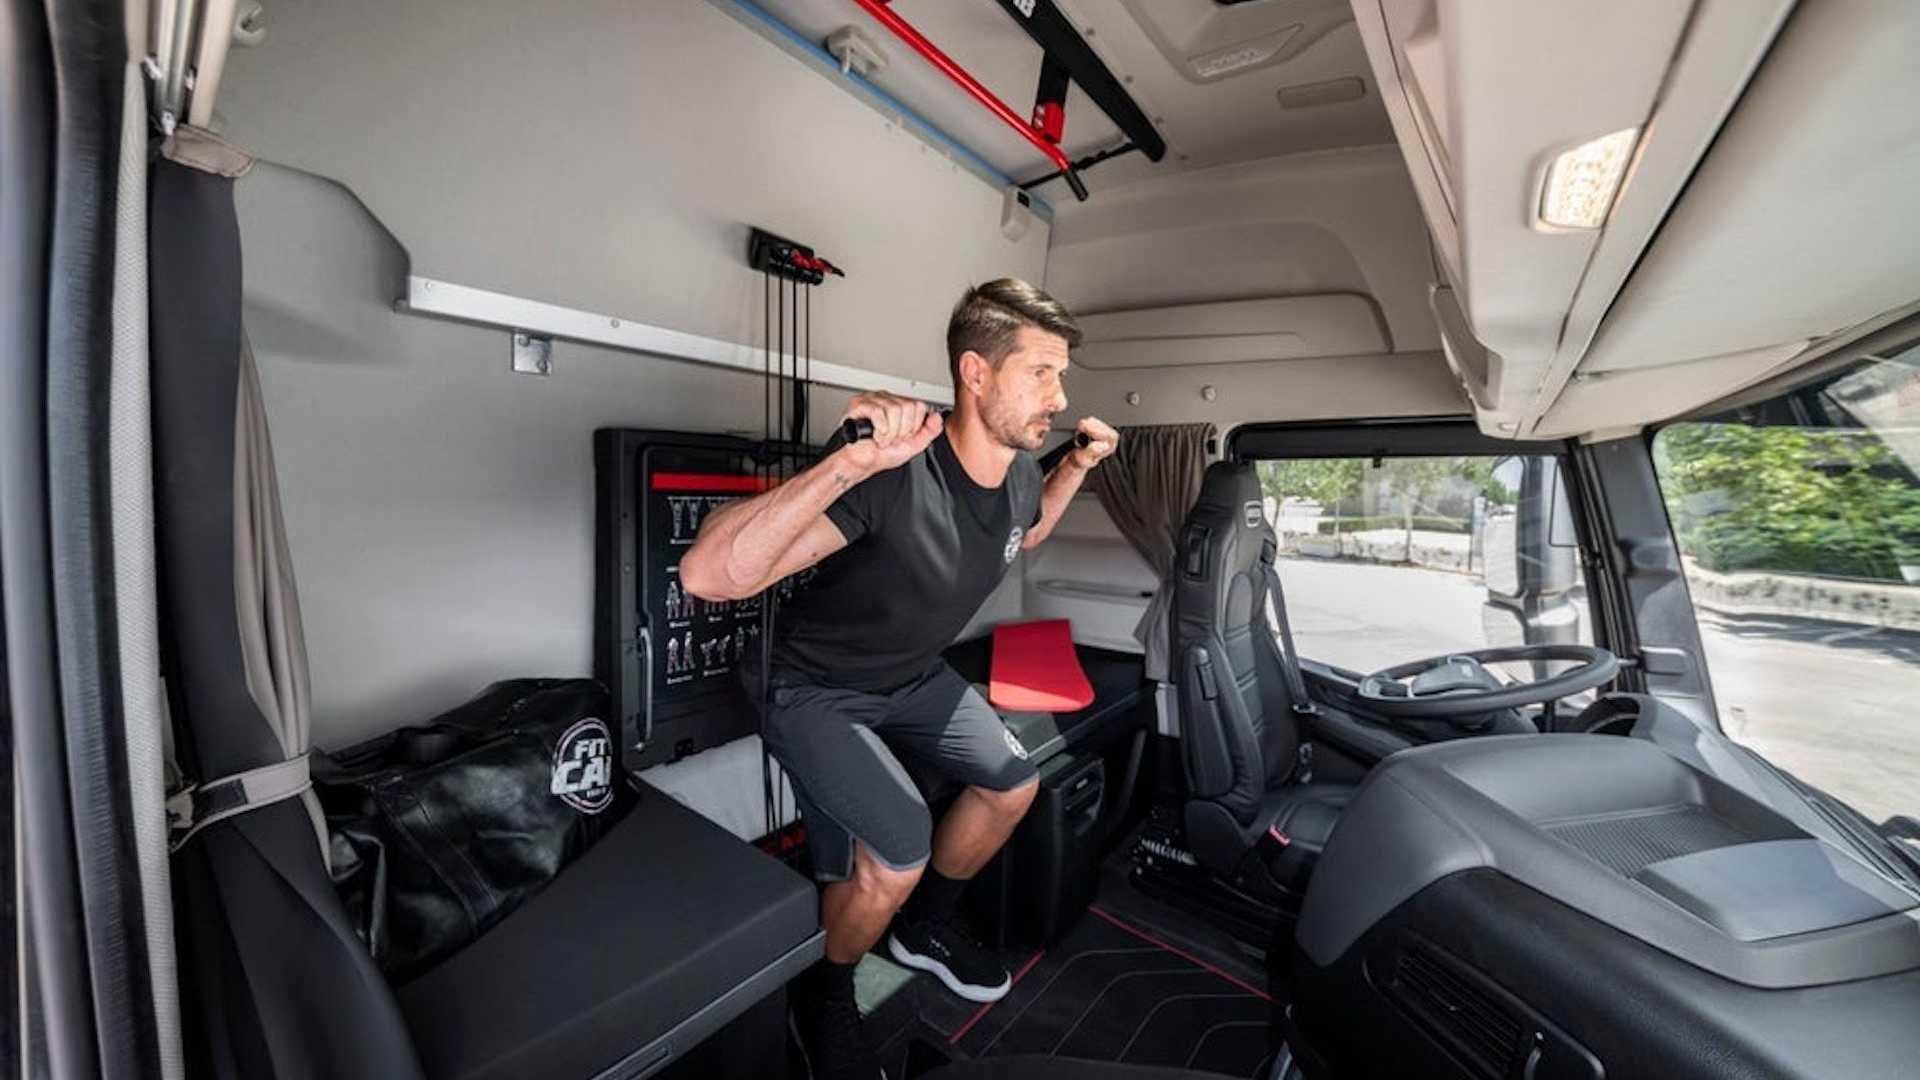 Тягач Iveco превратили в мобильный зал для фитнеса